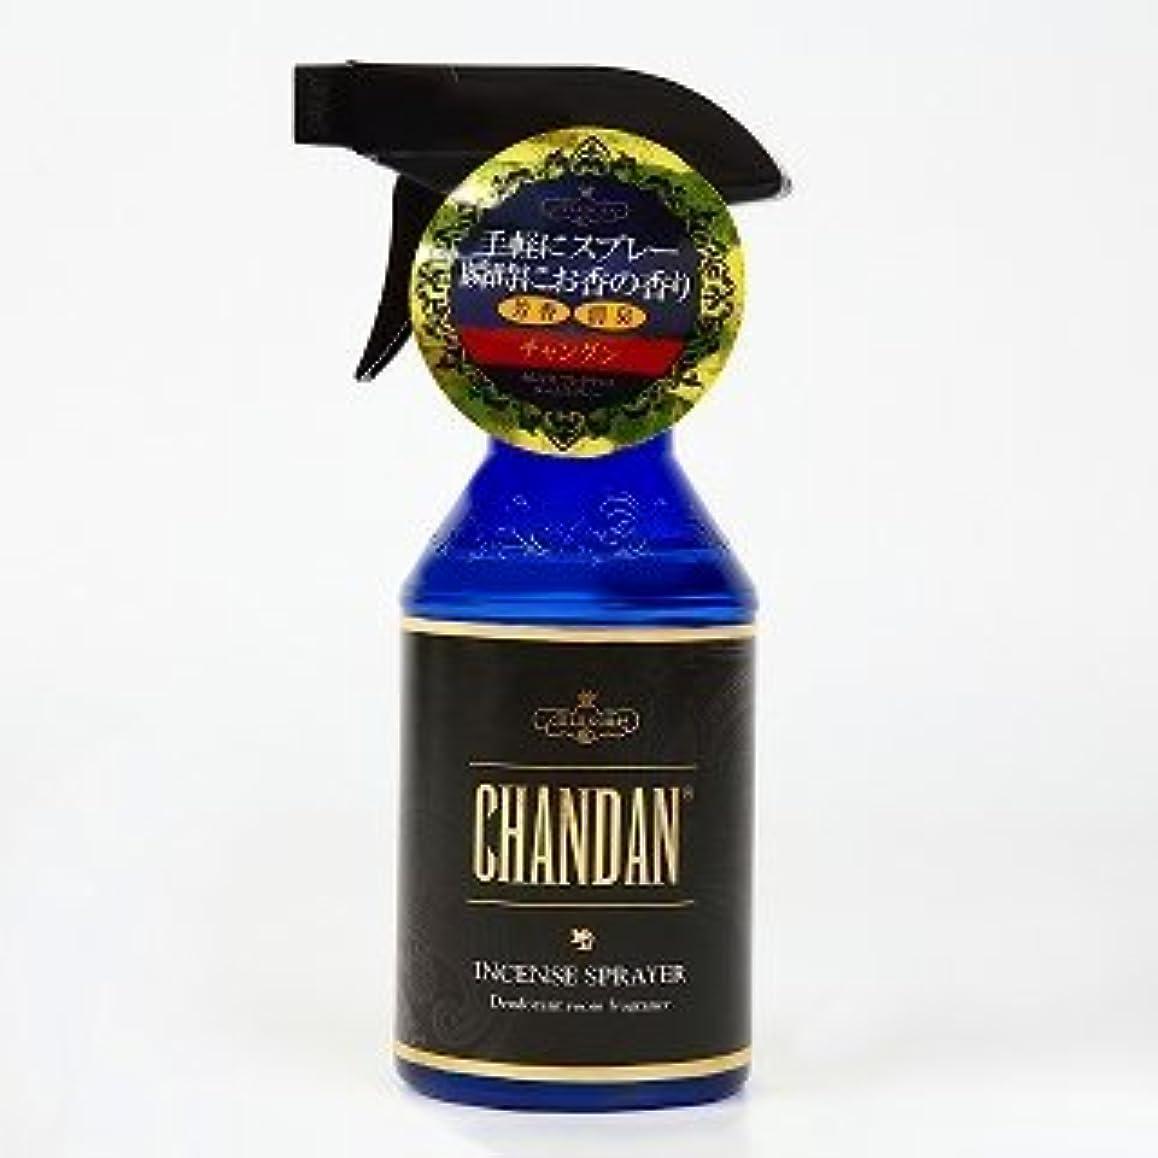 援助スクリュー文房具お香の香りの芳香剤 セレンスフレグランスルームスプレー チャンダン